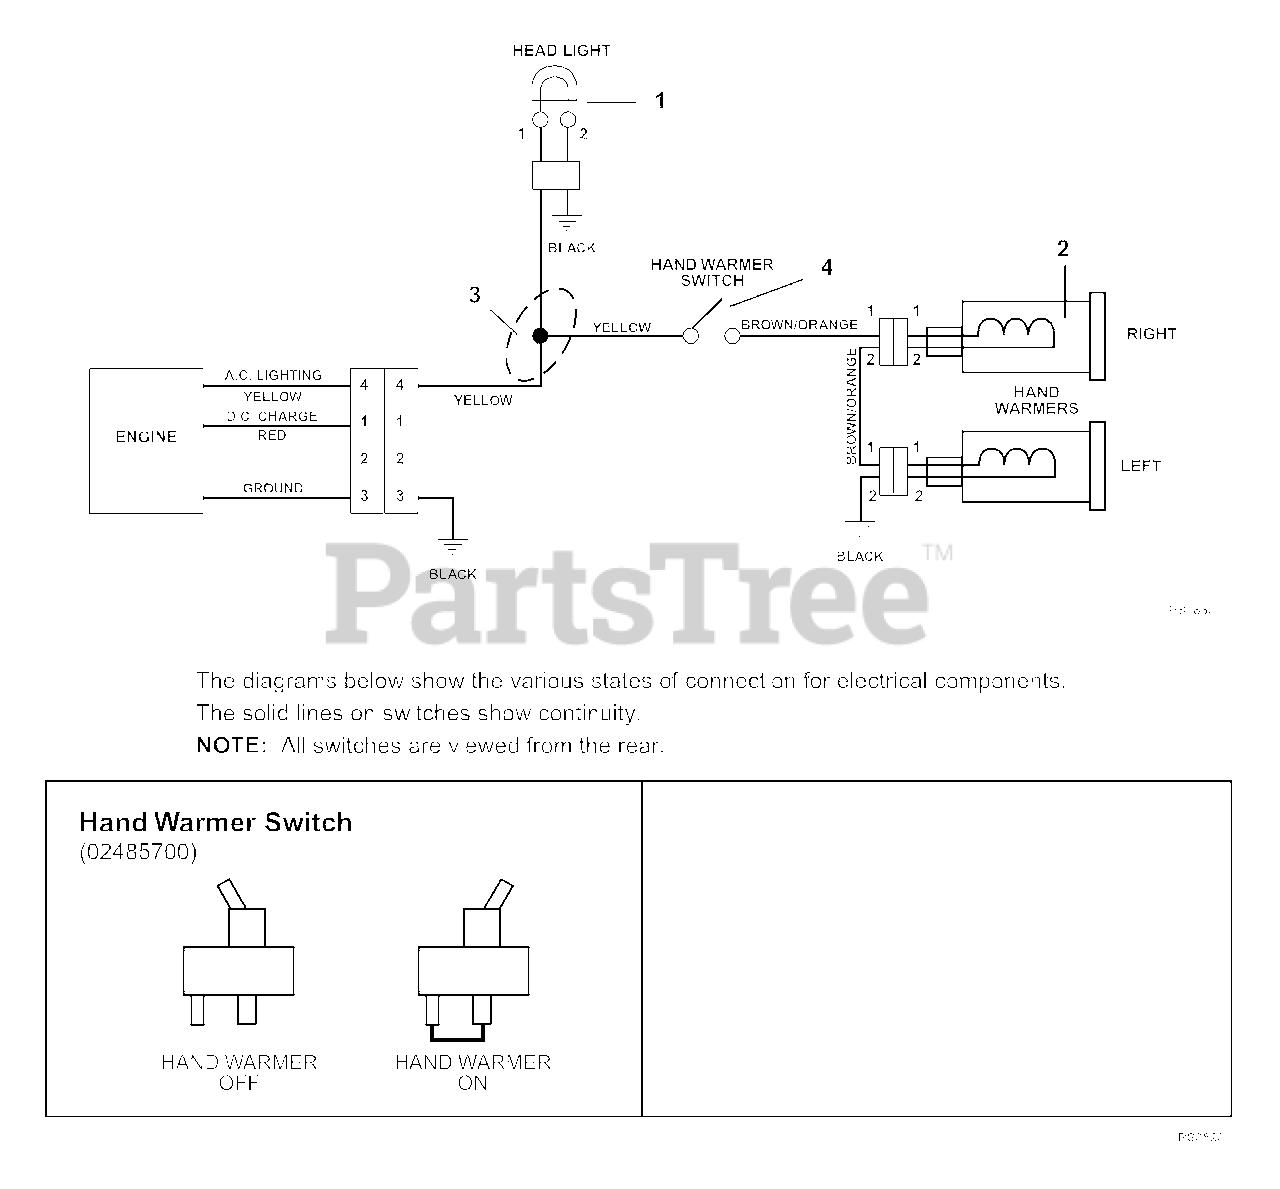 Ariens Wiring Diagram | Wiring Diagram on john deere 445 wiring-diagram, john deere m wiring-diagram, john deere 111 wiring schematic, john deere 160 wiring schematic, john deere 4430 wiring-diagram, john deere la115 wiring diagram, john deere 322 wiring-diagram, john deere mower wiring diagram, john deere 345 wiring-diagram, john deere 155c wiring-diagram, john deere l120 wiring schematic, john deere 145 wiring-diagram, john deere 4410 wiring diagram, john deere x485 wiring diagram, john deere f510 wiring diagram, john deere f620 wiring diagram, john deere 2320 wiring diagram, john deere lawn tractor electrical diagram, john deere ignition wiring diagram, john deere lt133 electrical schematic,